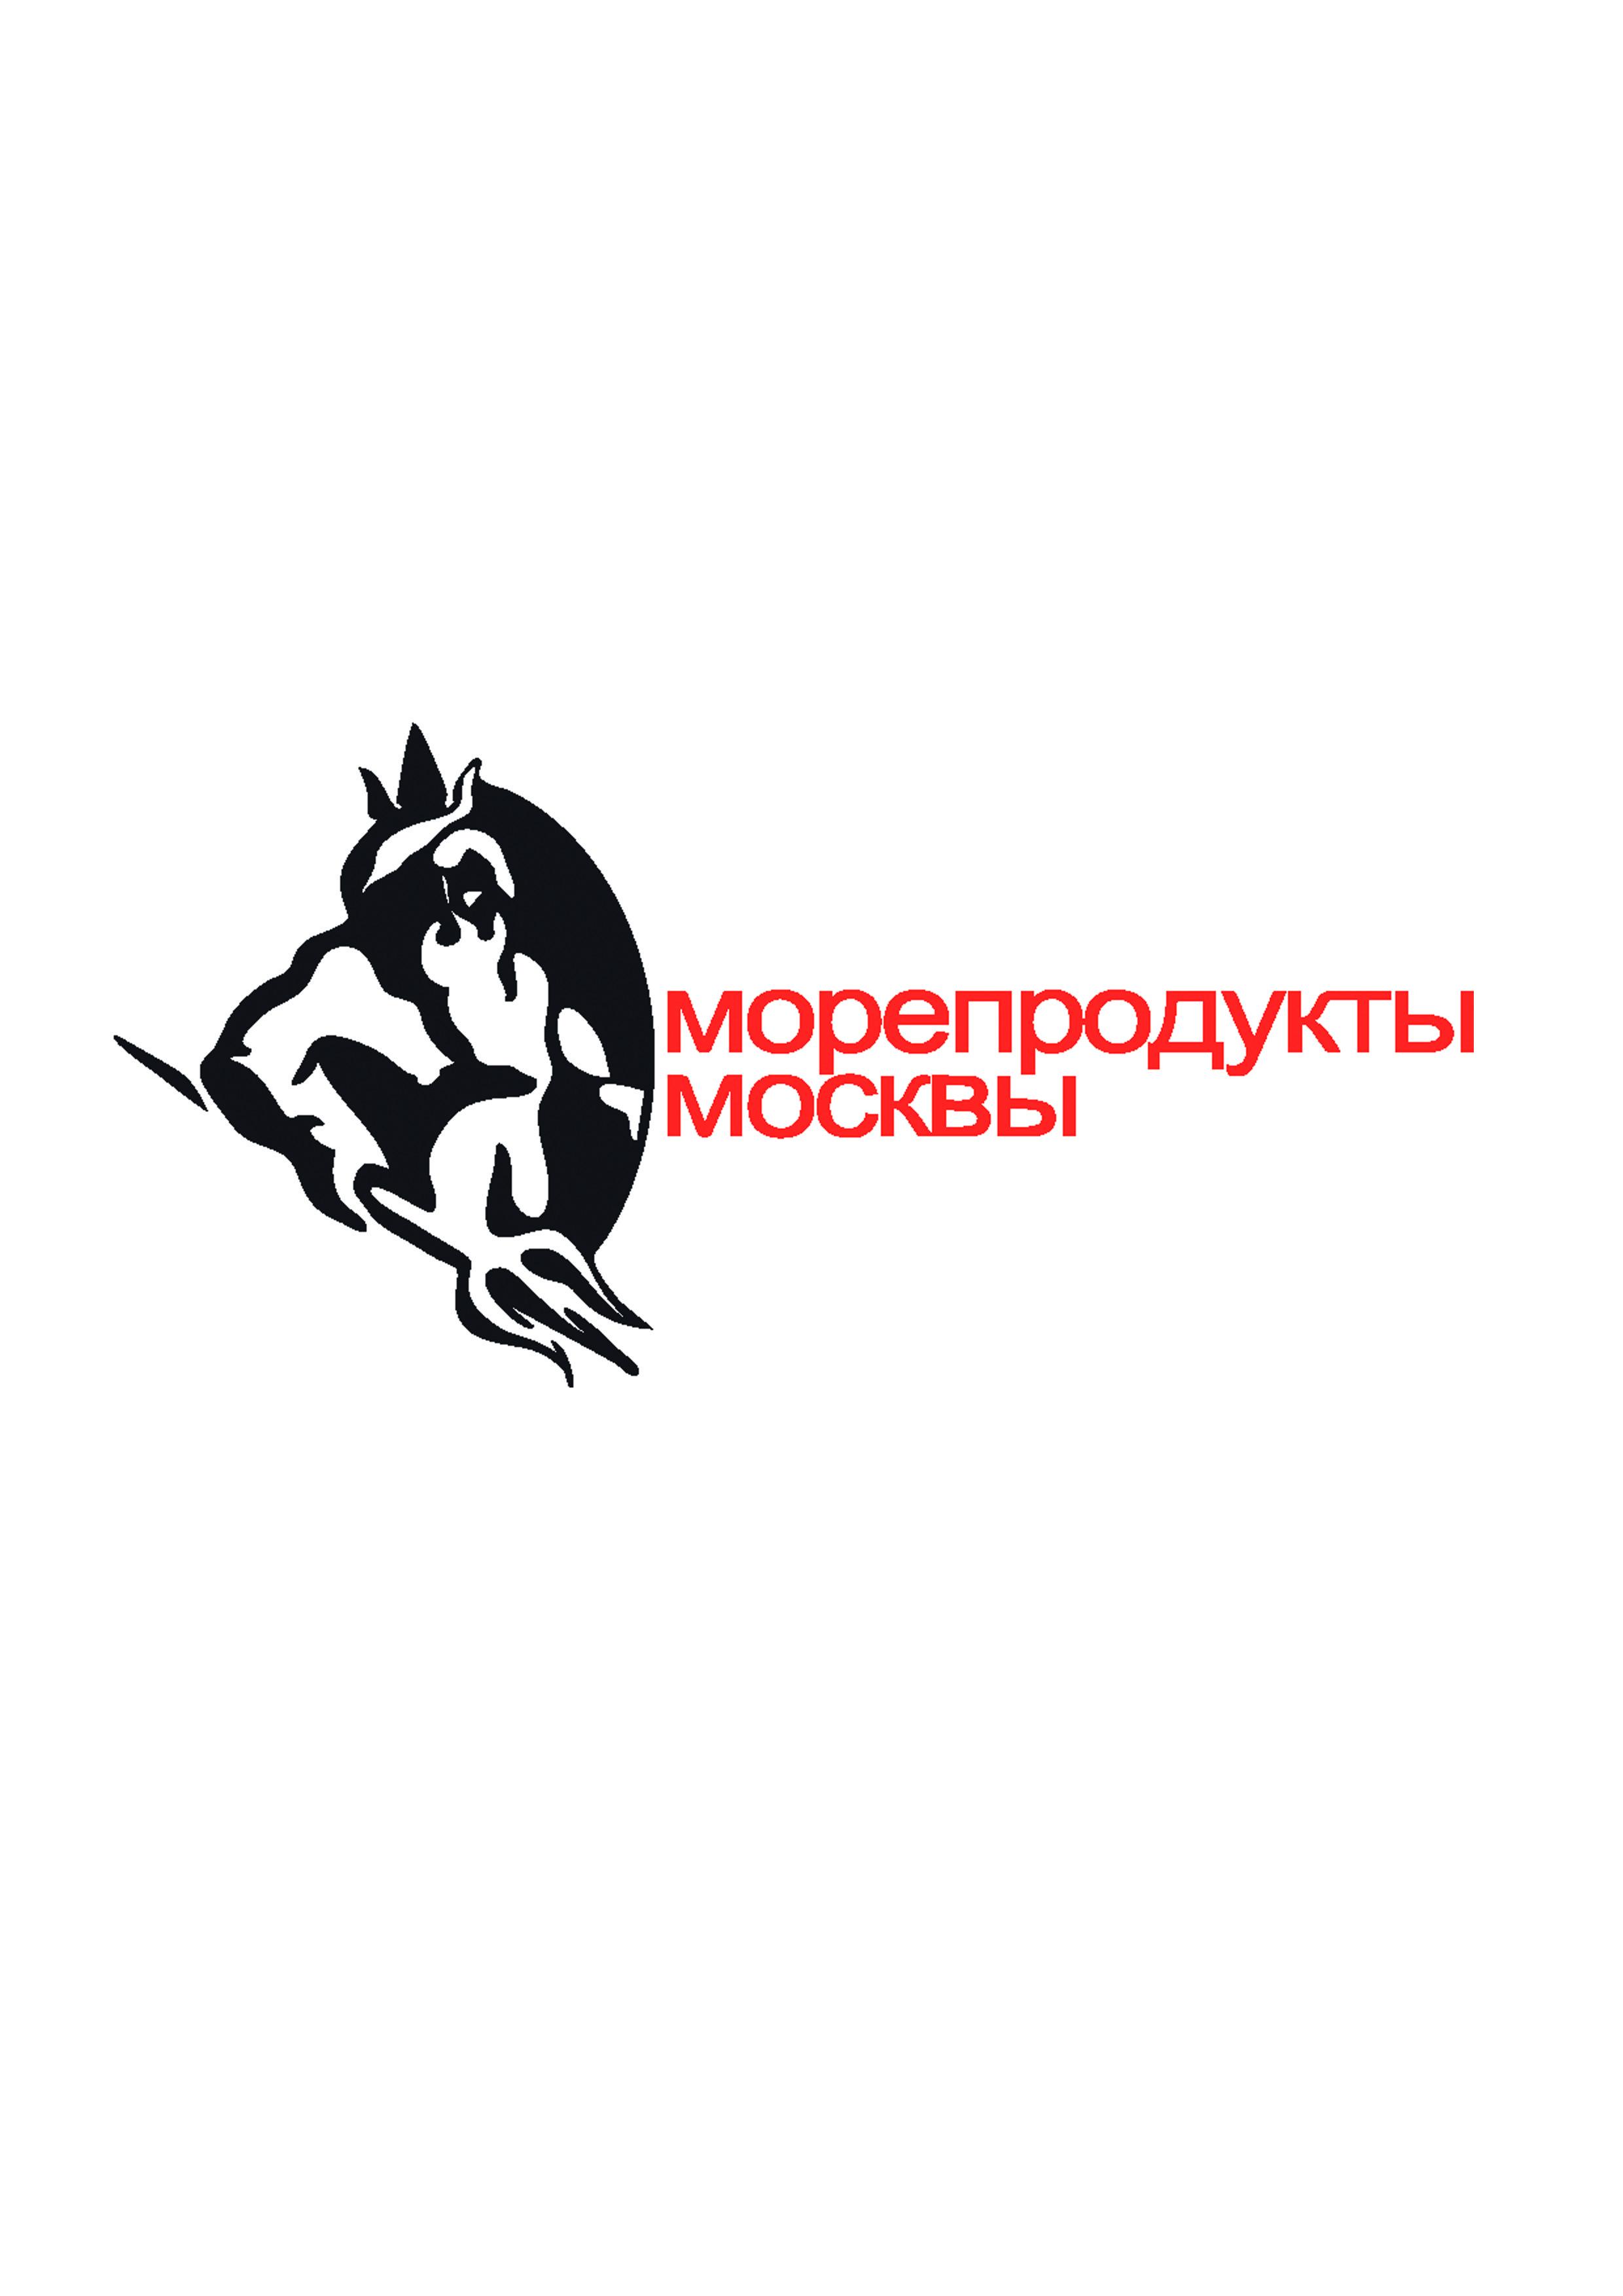 Разработать логотип.  фото f_0195ec77db65be80.jpg